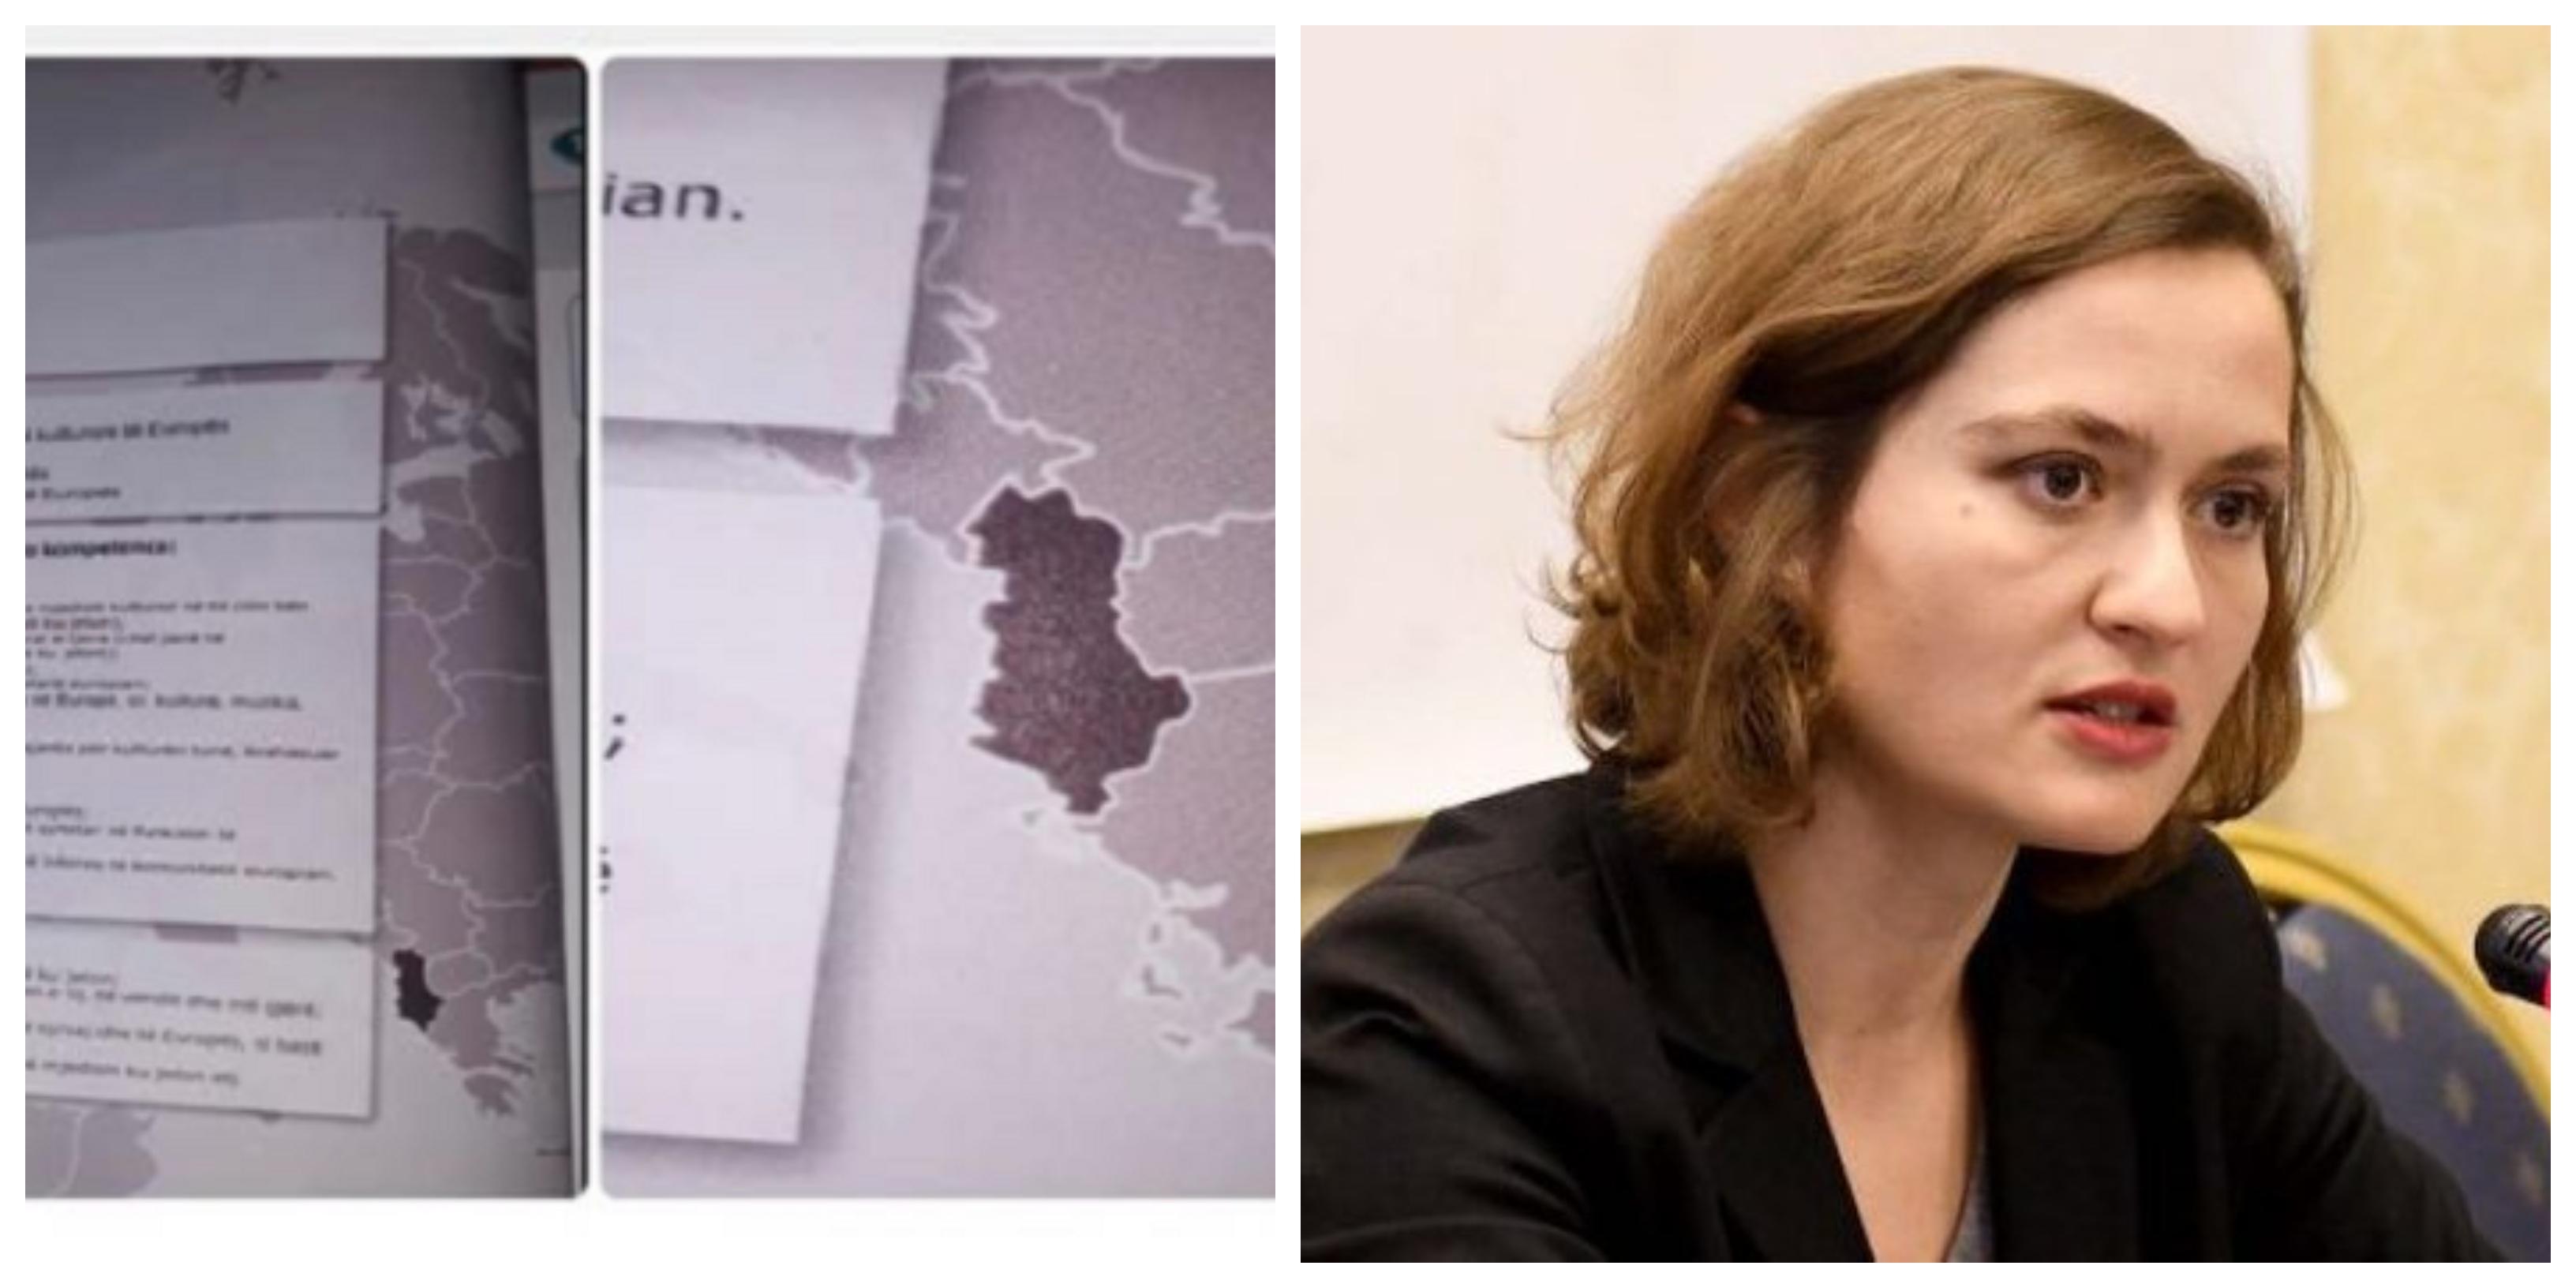 Skandali ku Kosova në libra paraqitet si pjesë e Serbisë  reagon ministrja e Arsimit në Shqipëri